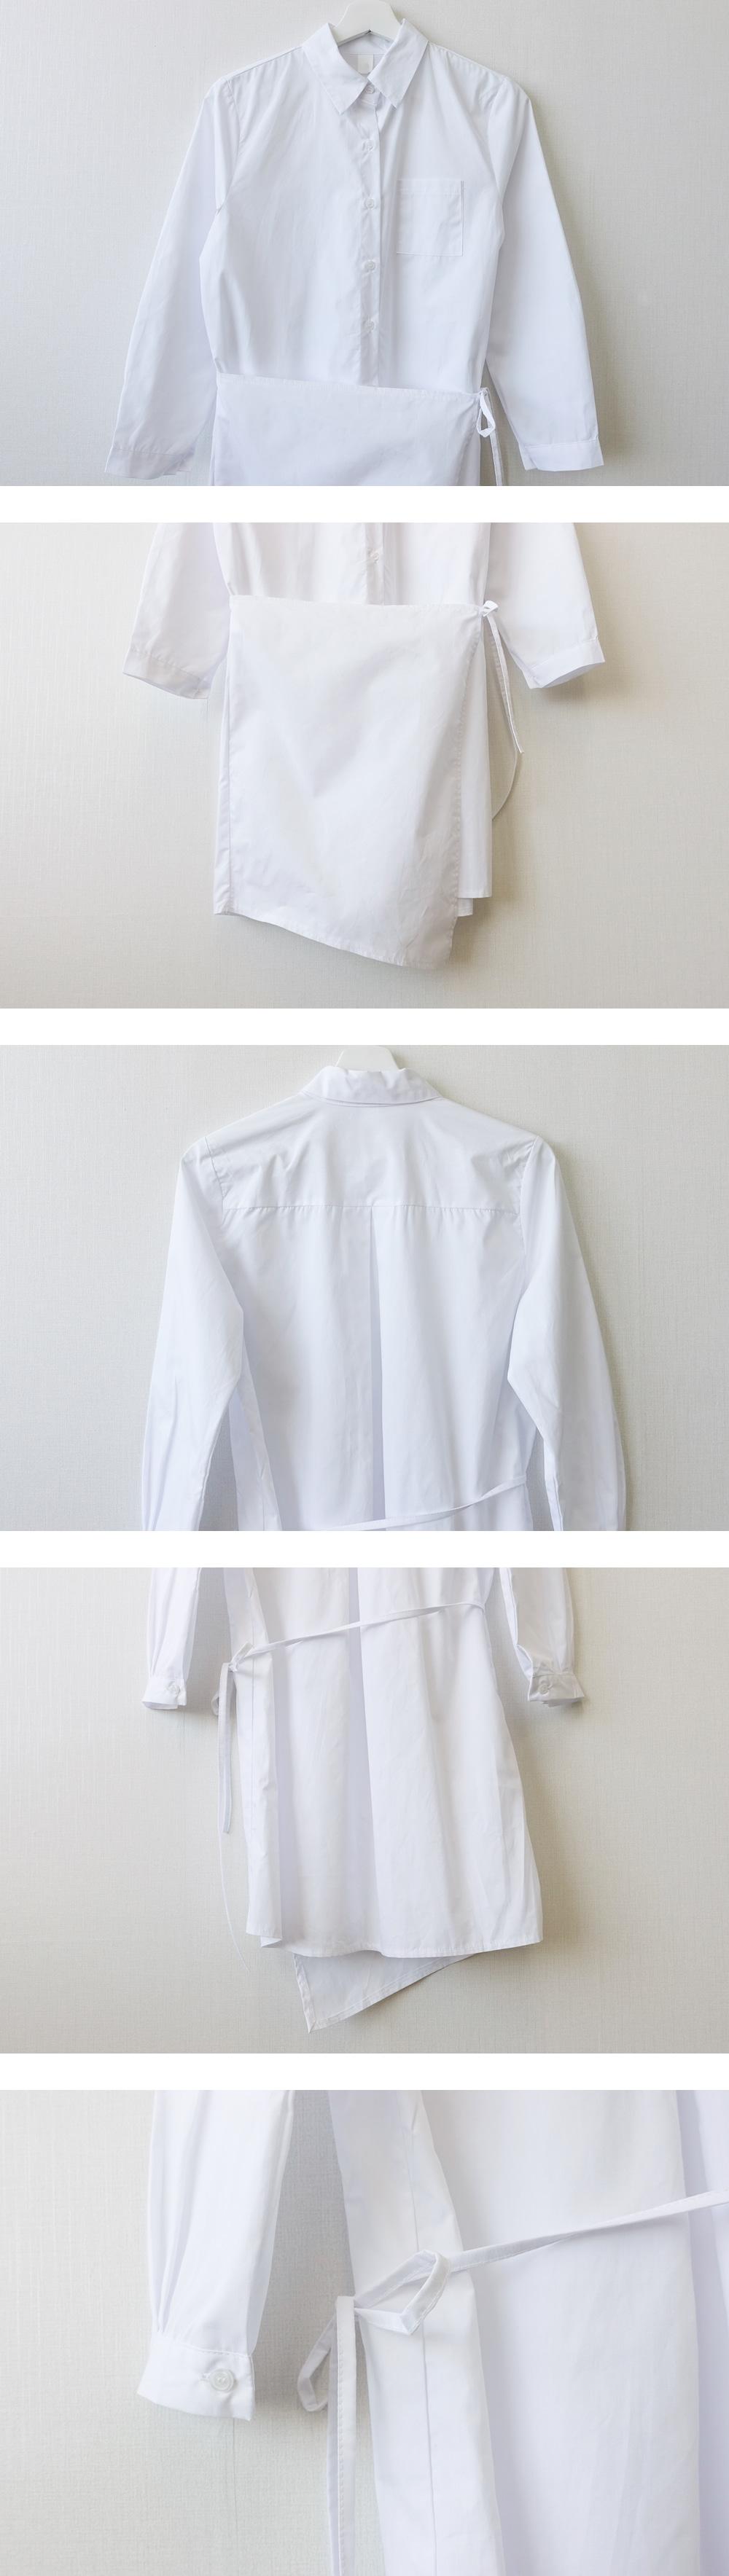 Plain Shirt Wrap Mini Dress